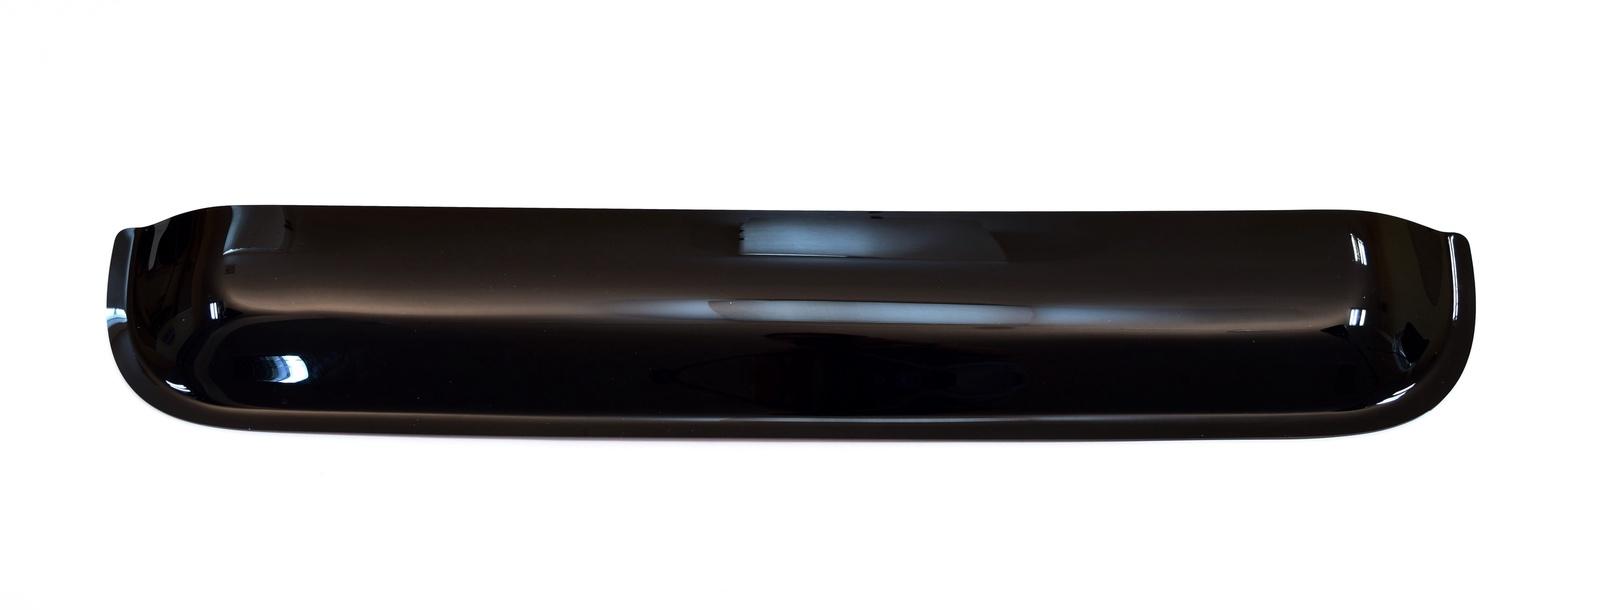 цена на Ветровик SIM Дефлектор люкаToyota LC 200 (2007-2015 / 2015-)